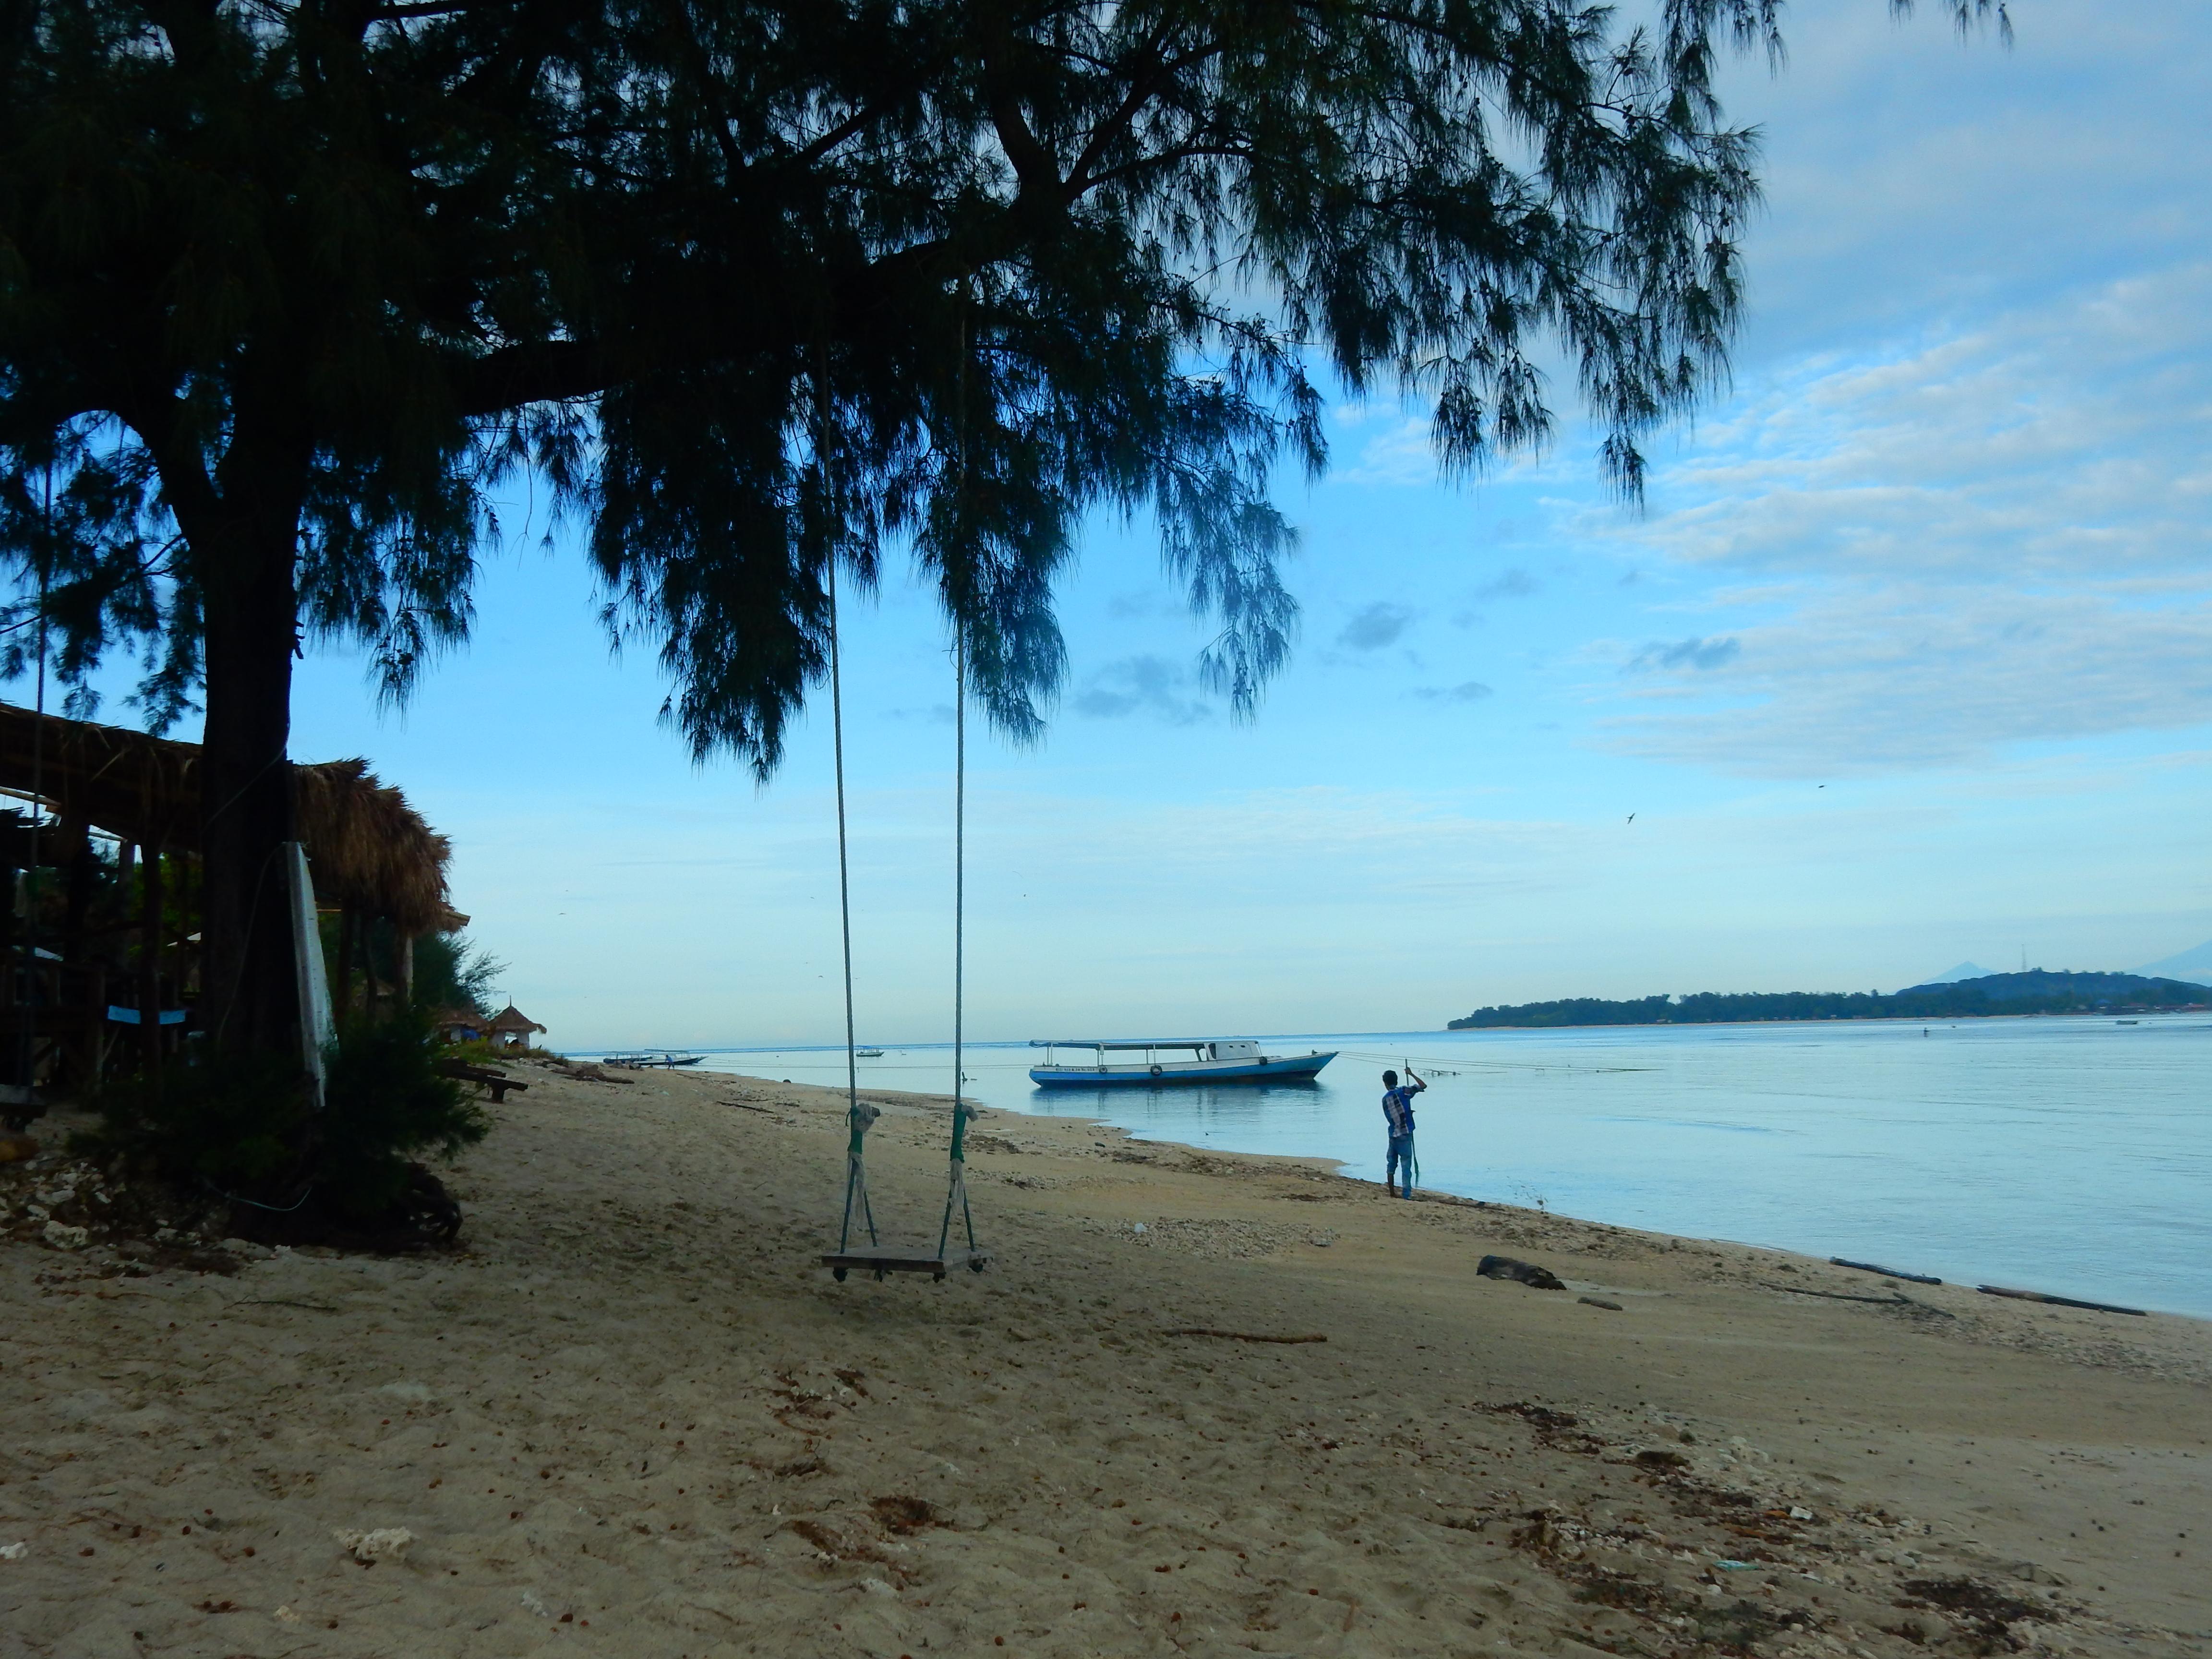 Balançoire et plage de sable blanc, Gili Air, Indonésie